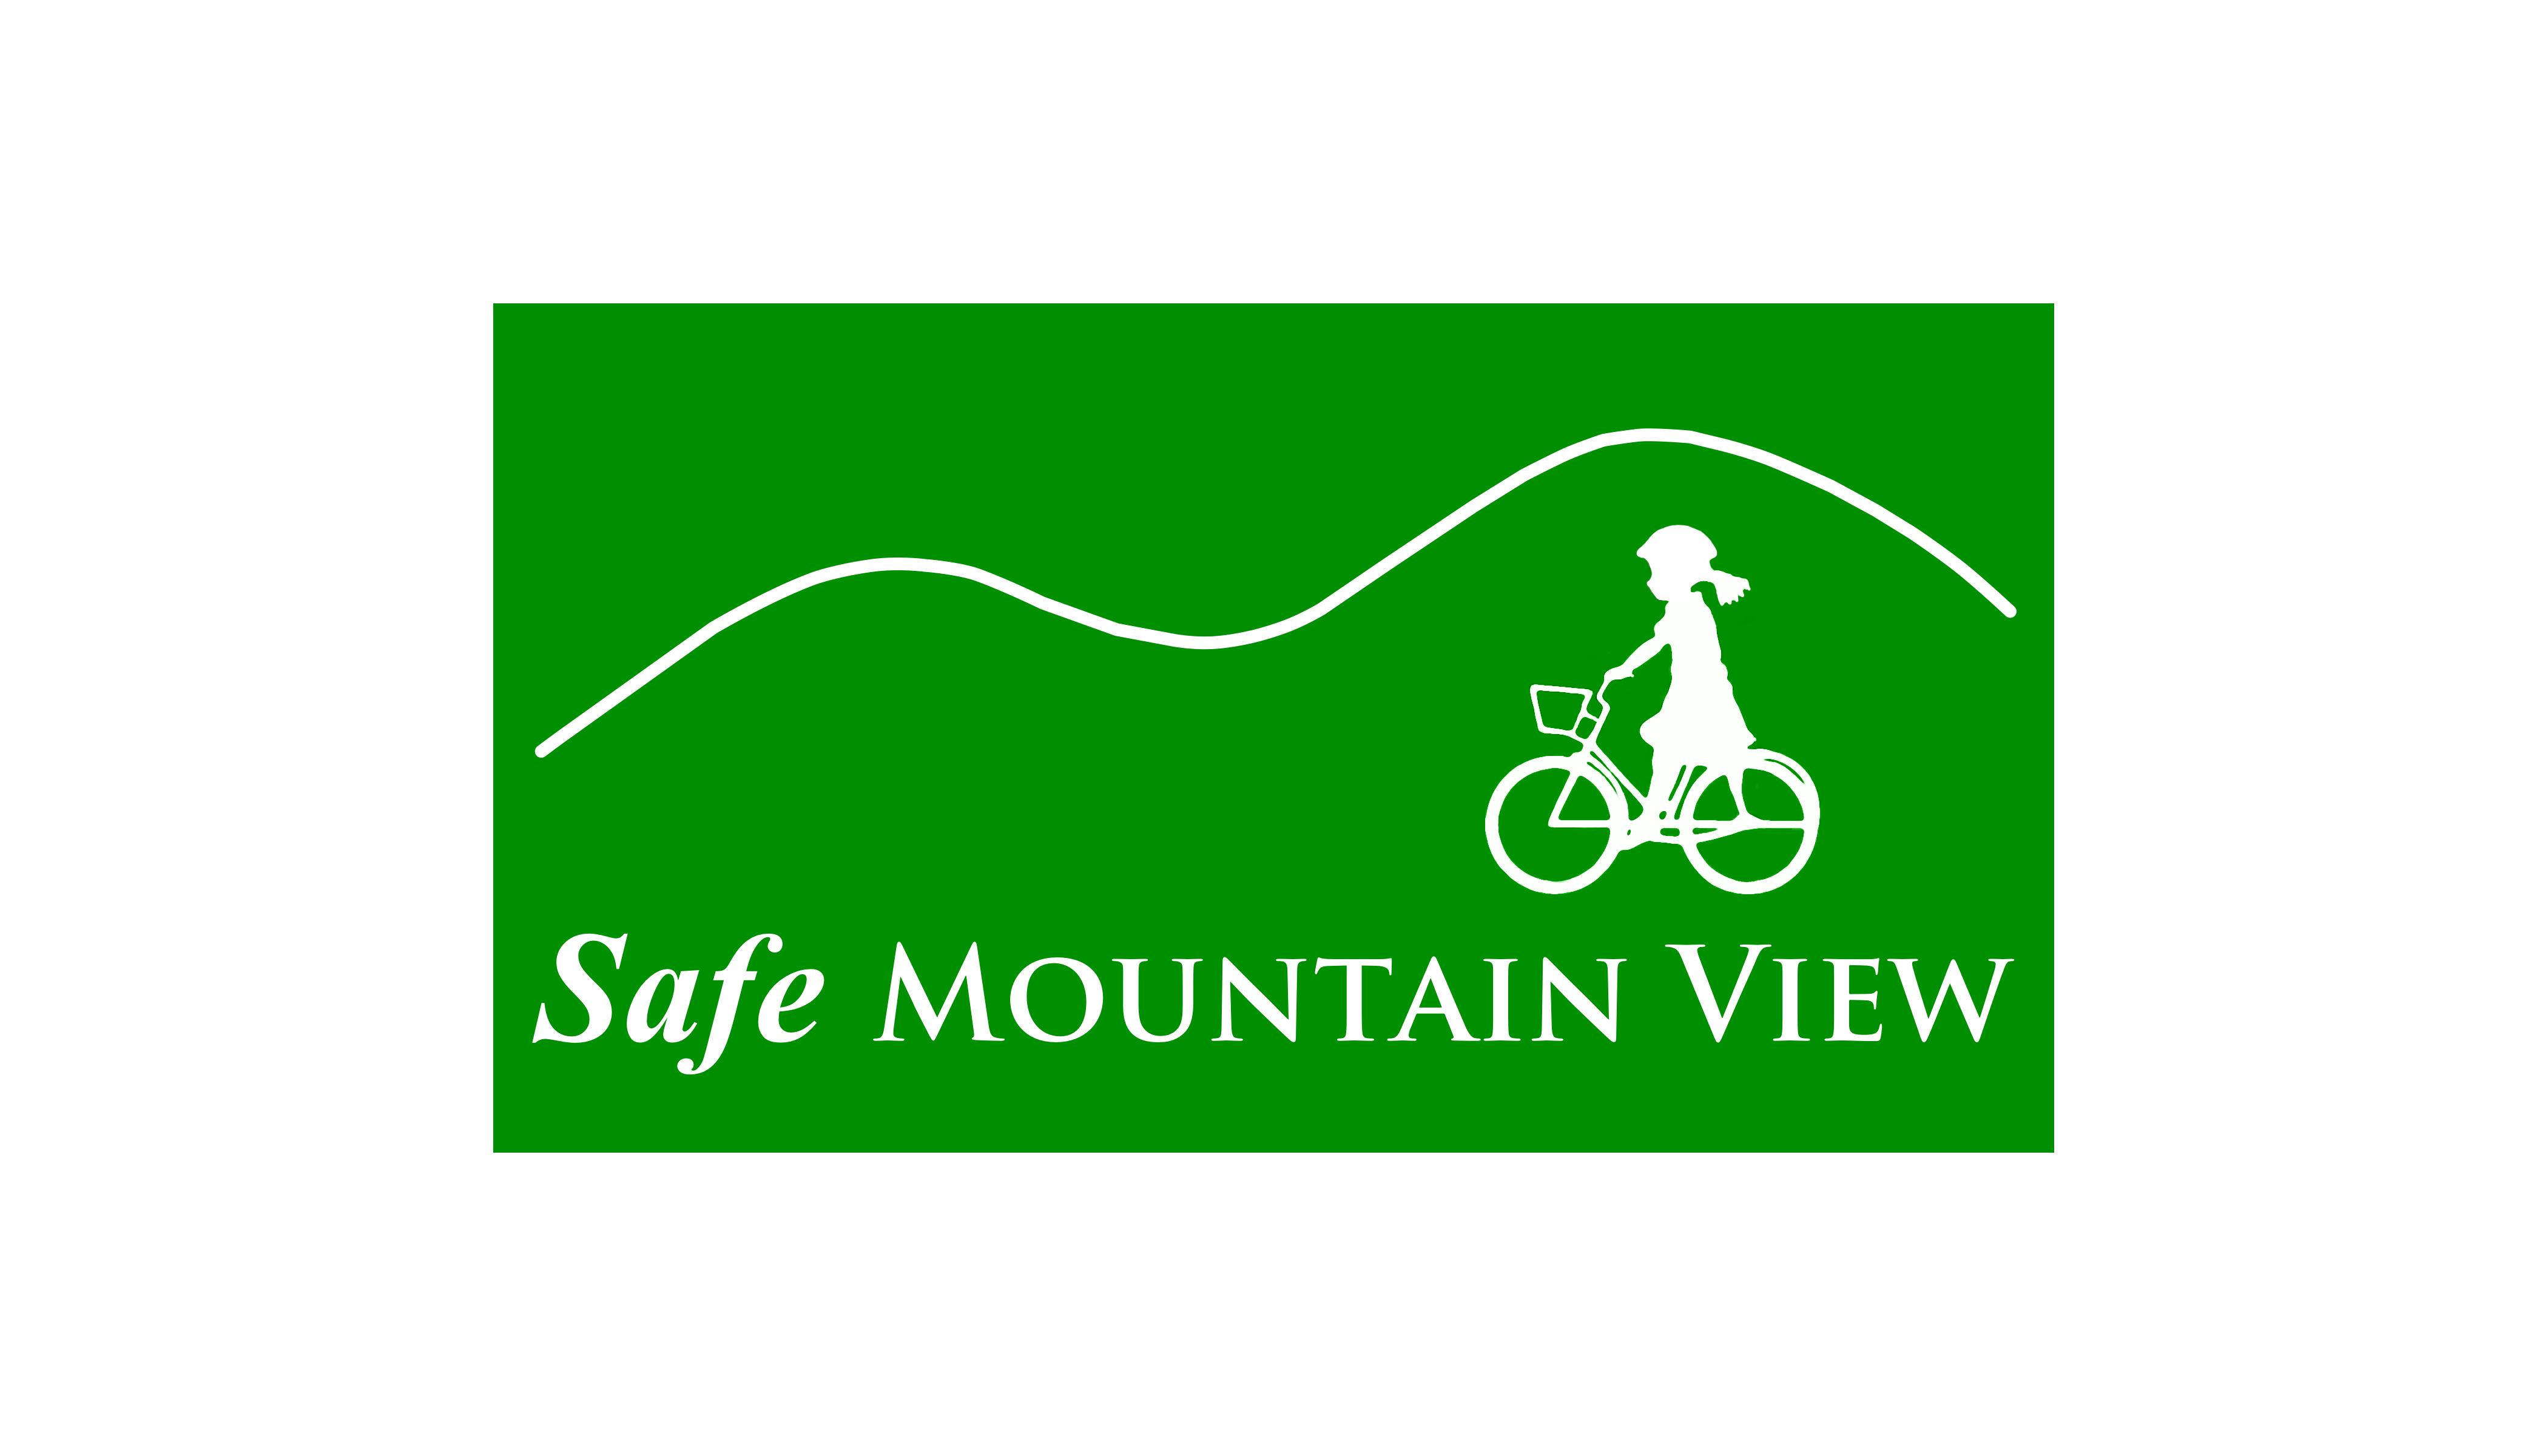 Safe Mountain View logo